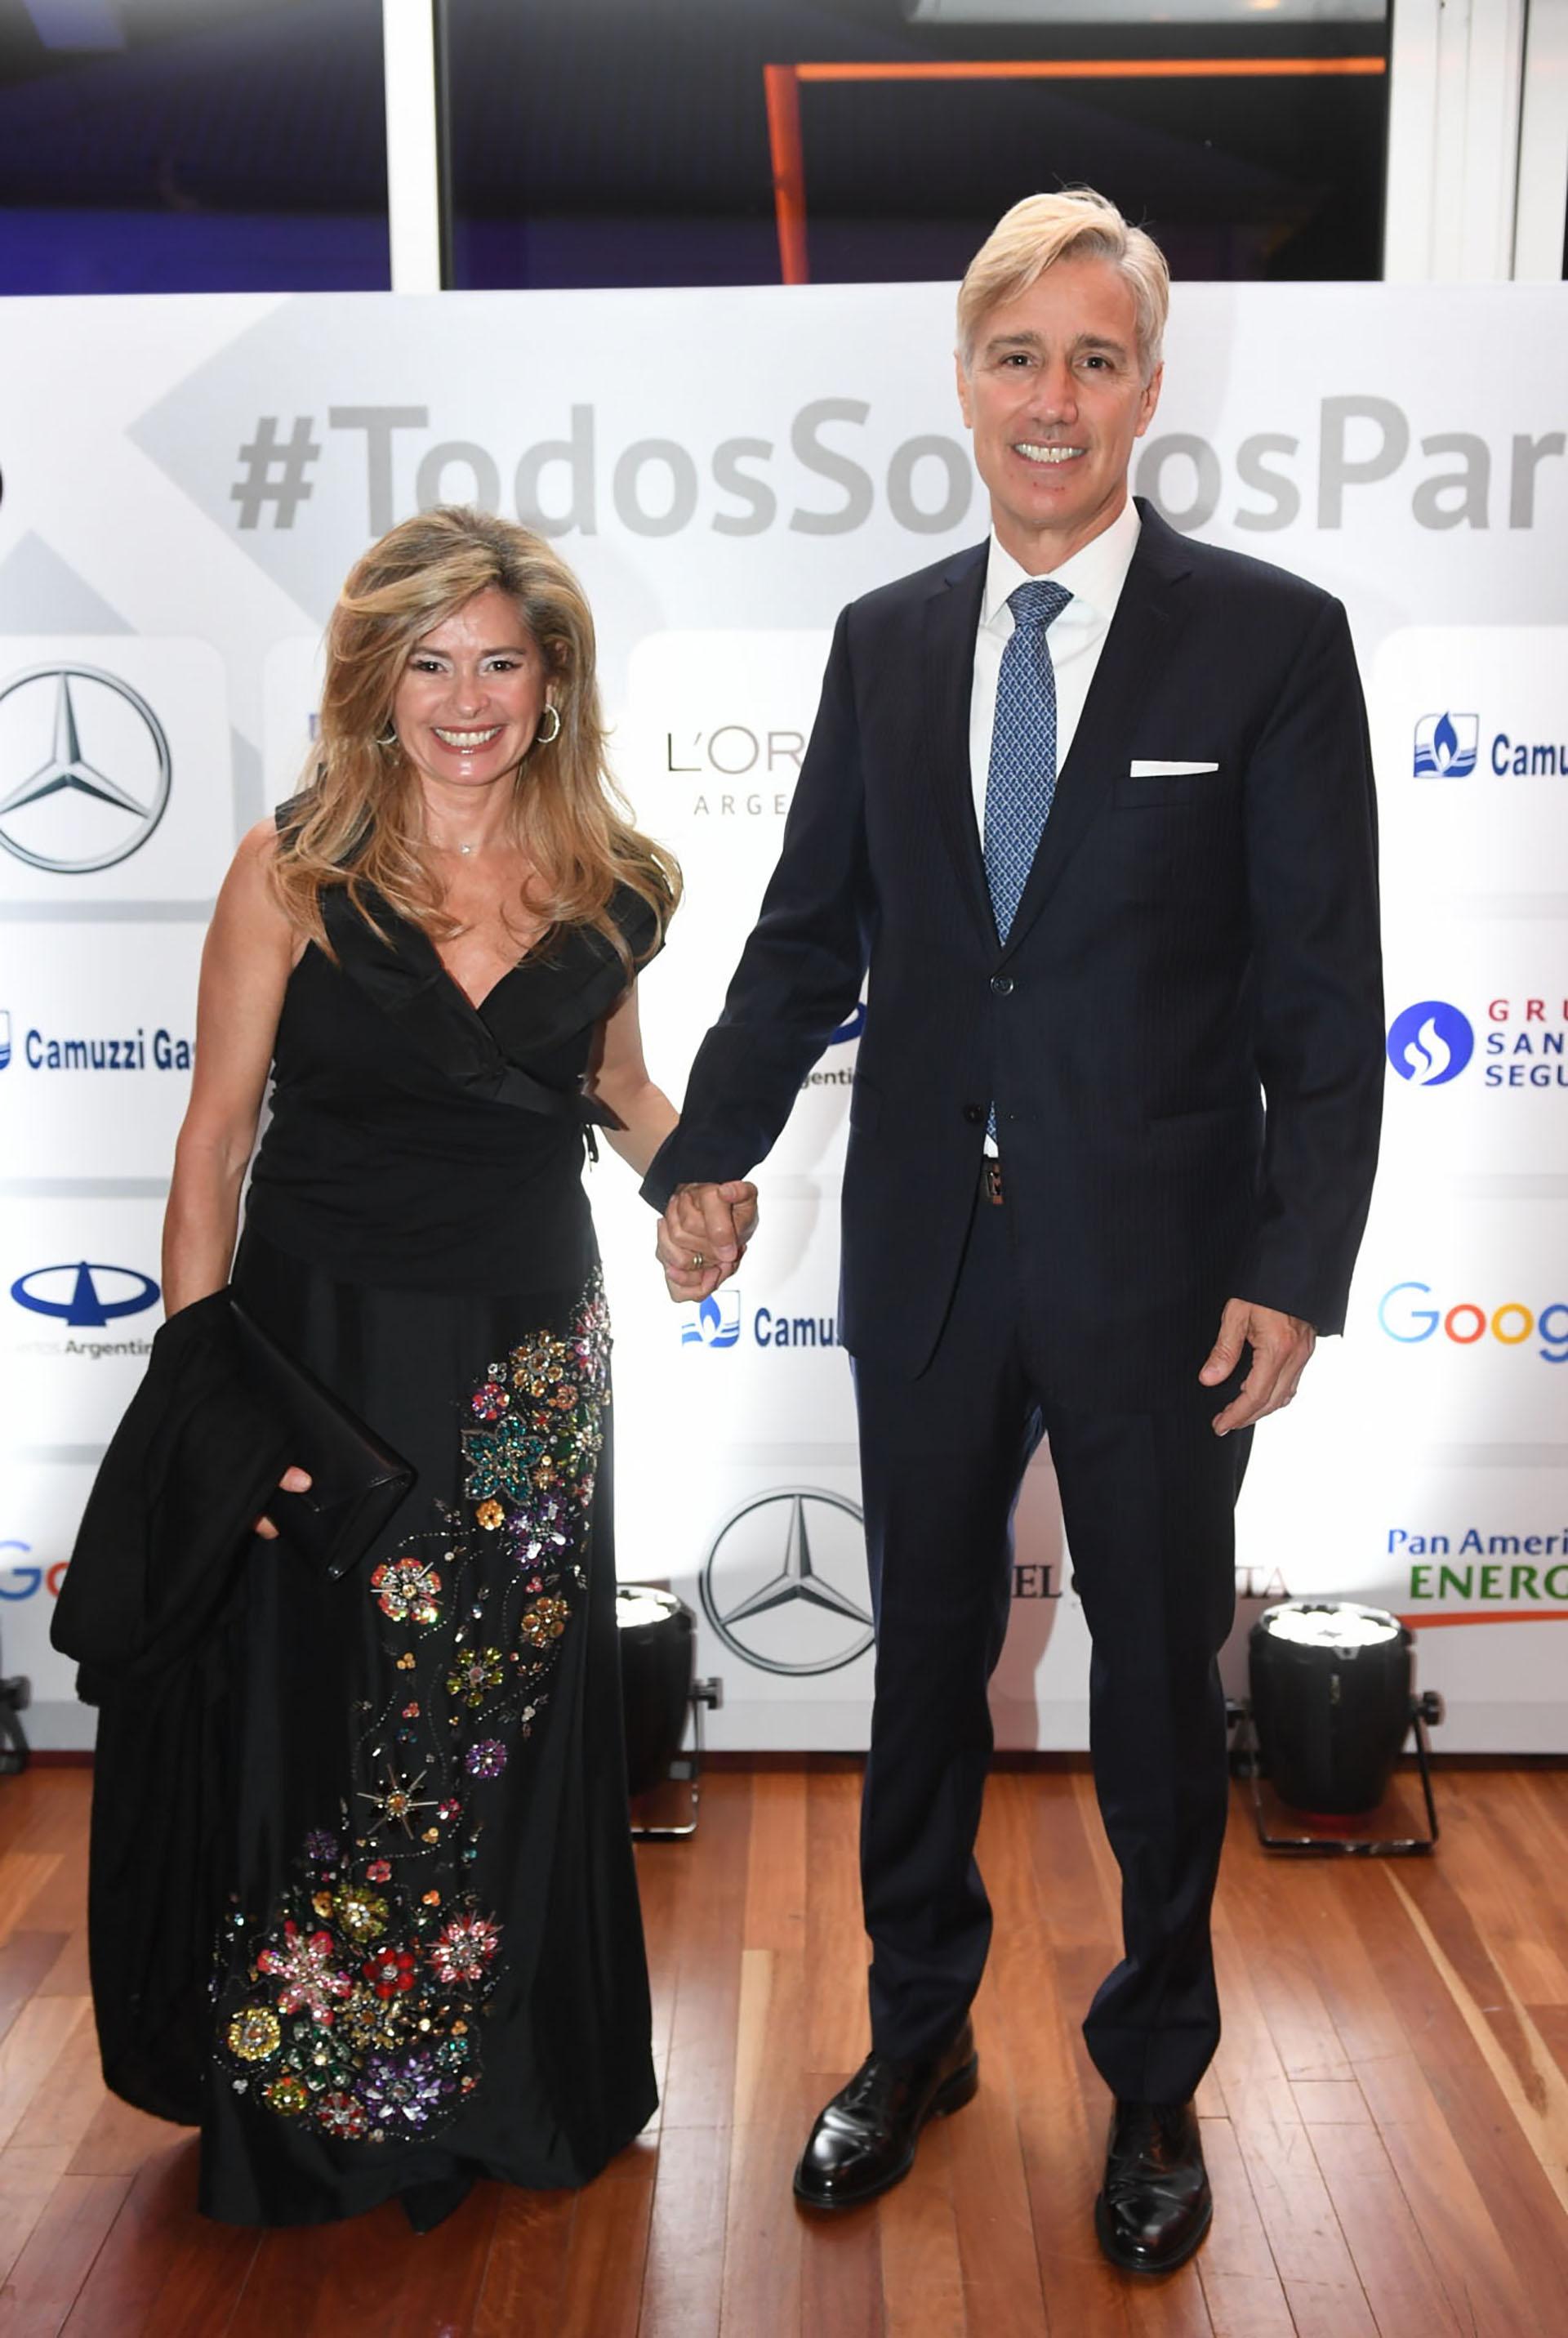 María Laura Leguizamón y Marcelo Figueiras, presidente de Laboratorios Richmond